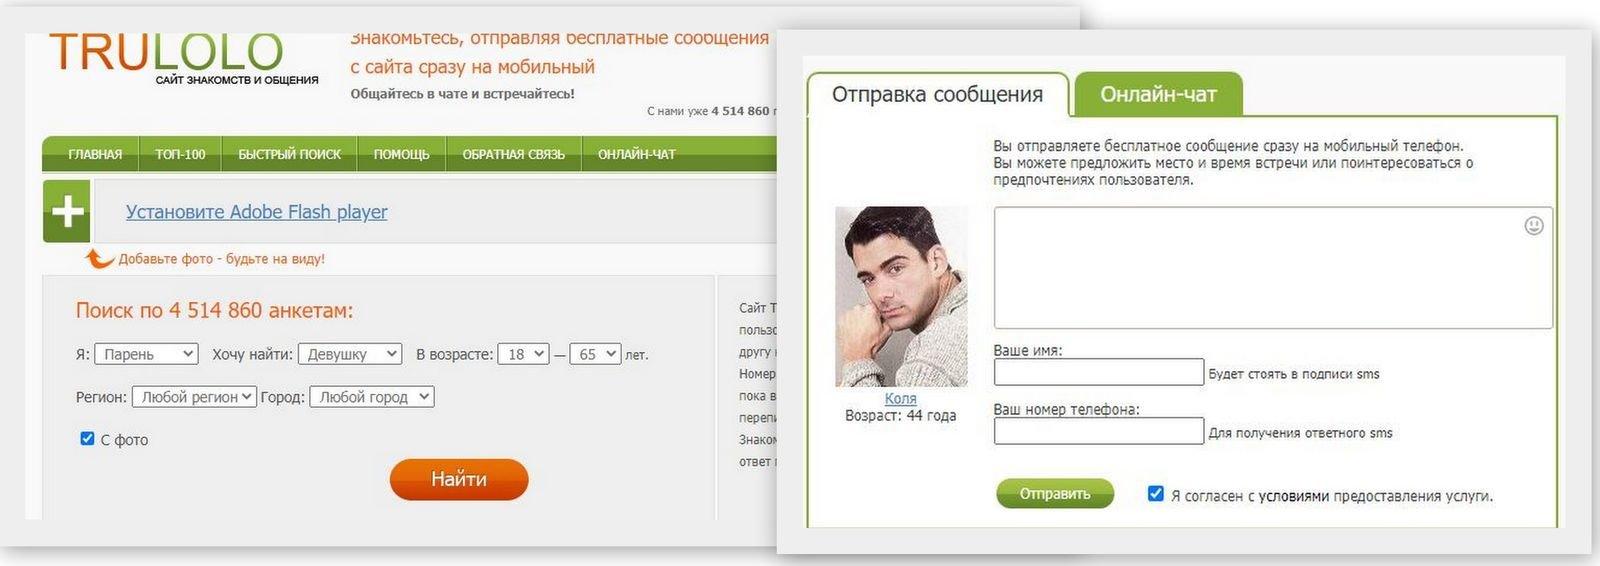 Trulolo.com